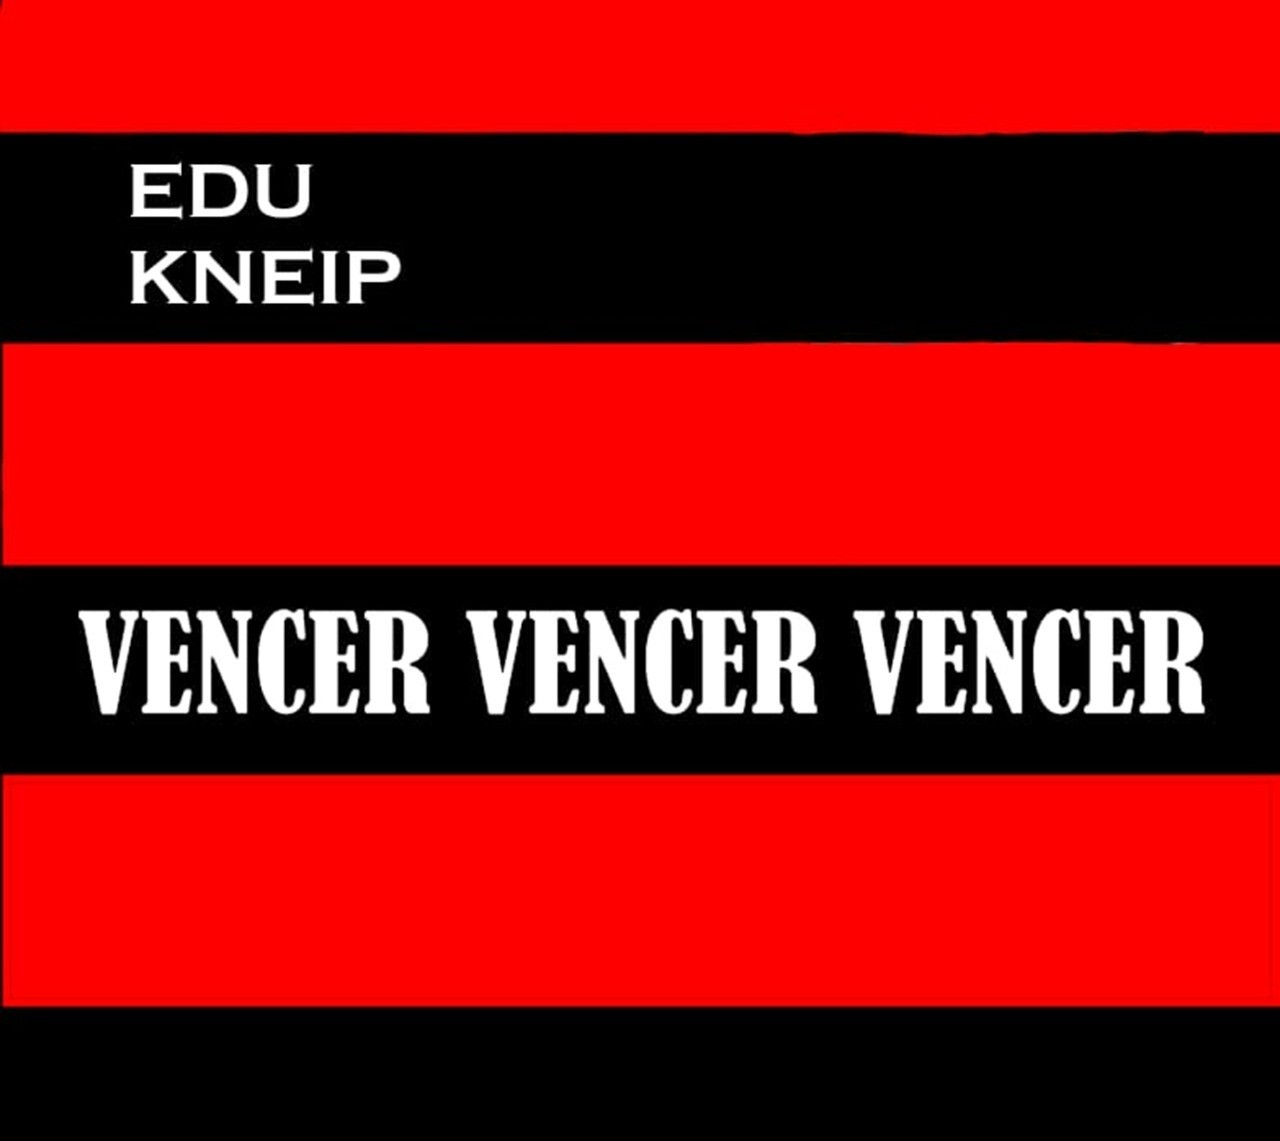 O Monarca, o Rei e o Uri Geller, de Edu Kneip (Cedro Rosa) - Licença para uso na internet / License for internet use